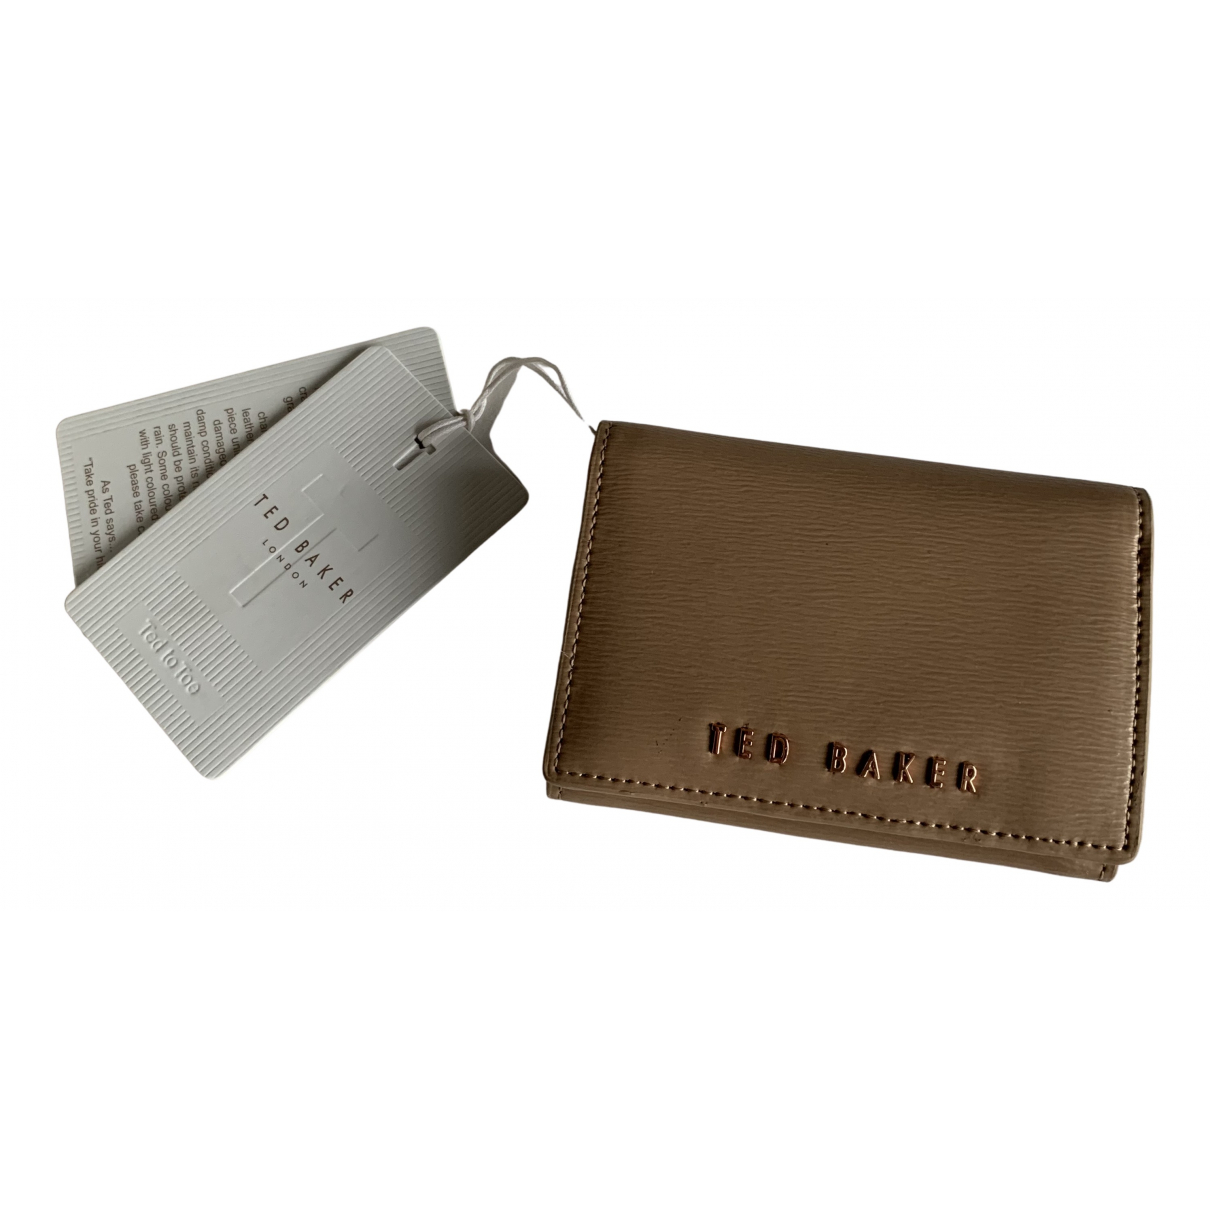 Ted Baker - Portefeuille   pour femme en cuir - marron